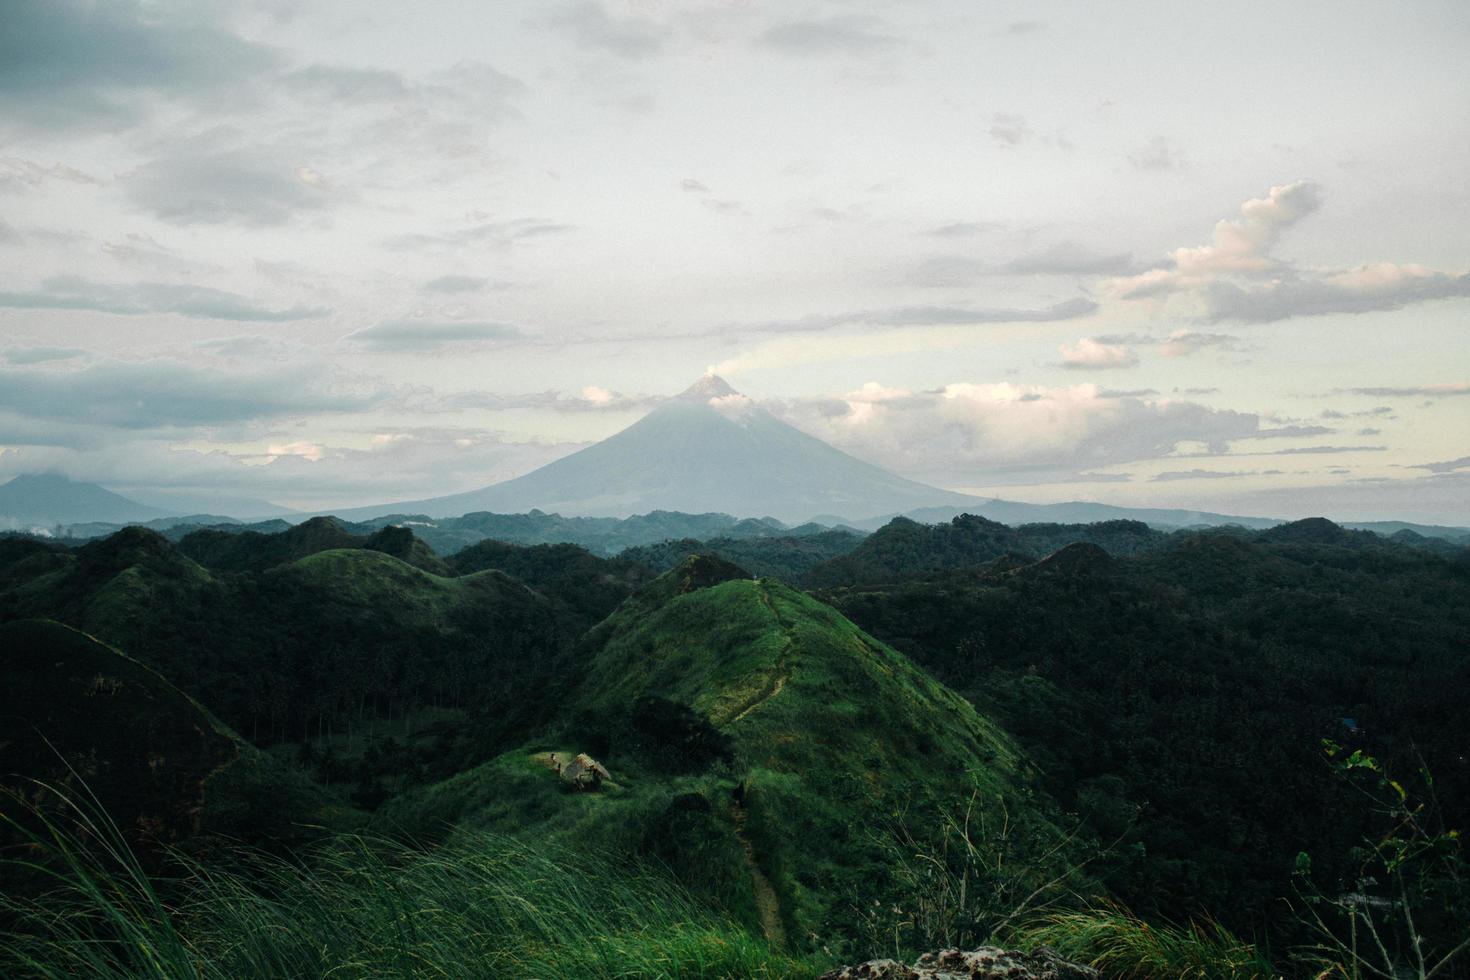 vista de una montaña por encima de los árboles foto